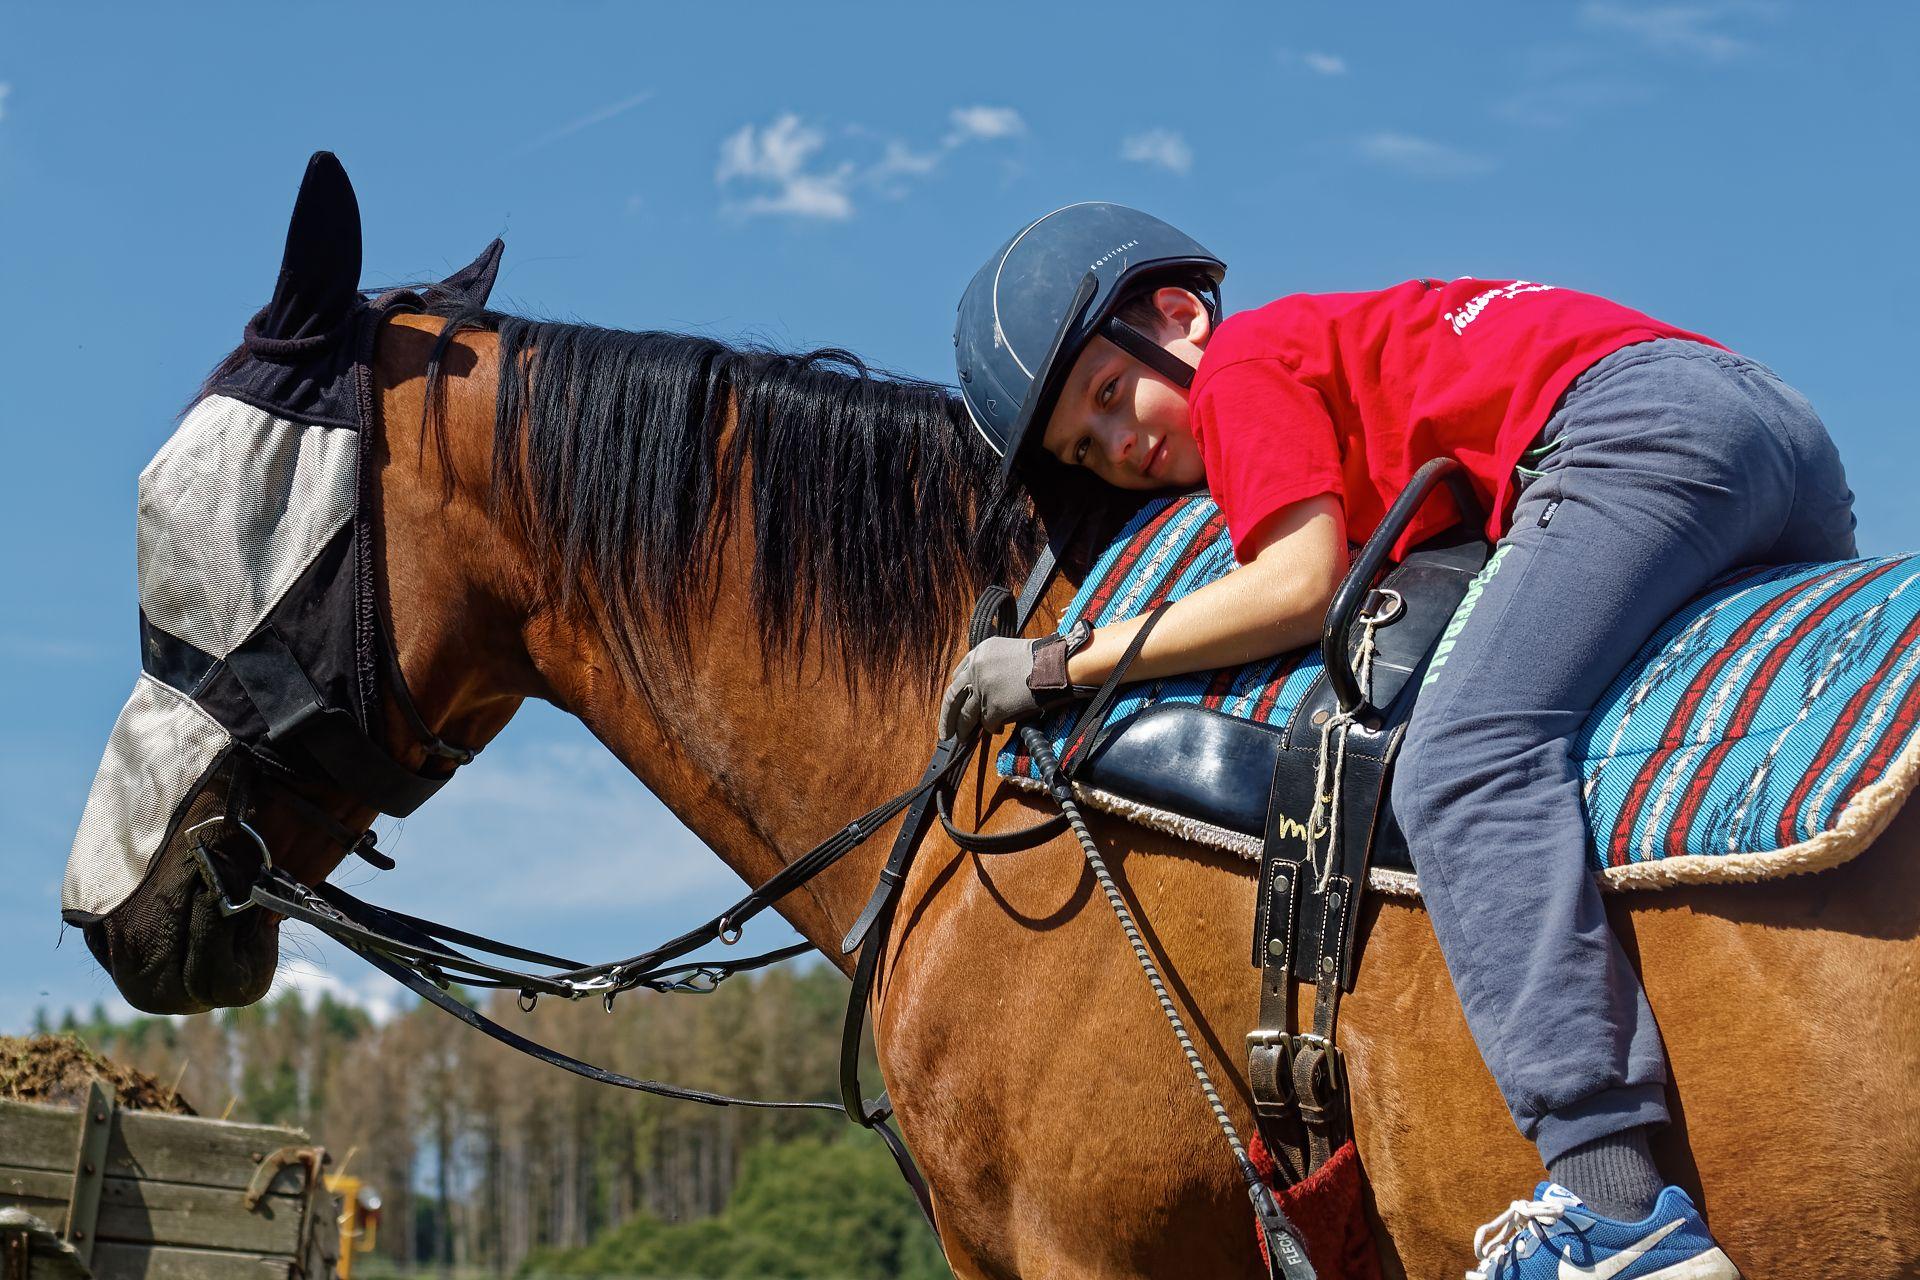 Jízdy na koních pro děti a začátečníky na voltižním sedle